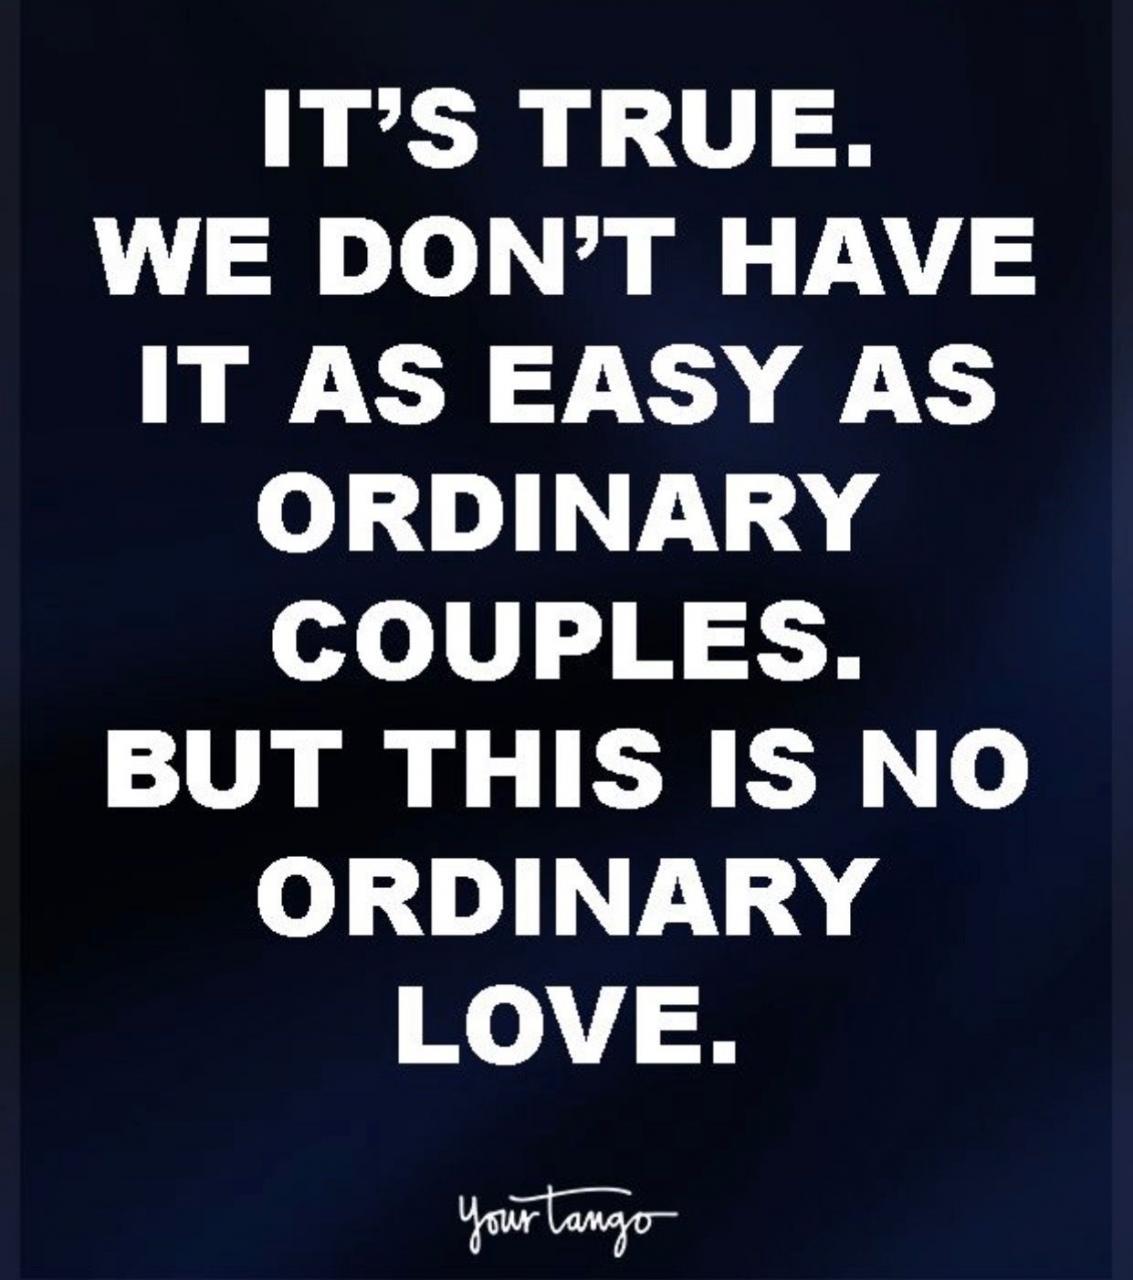 Zitate Zum Thema Liebe Ich Liebe Dich Traurig Mein Schatz Beziehungen Adventskalender Weisheiten Herbst Zitate Von Paaren